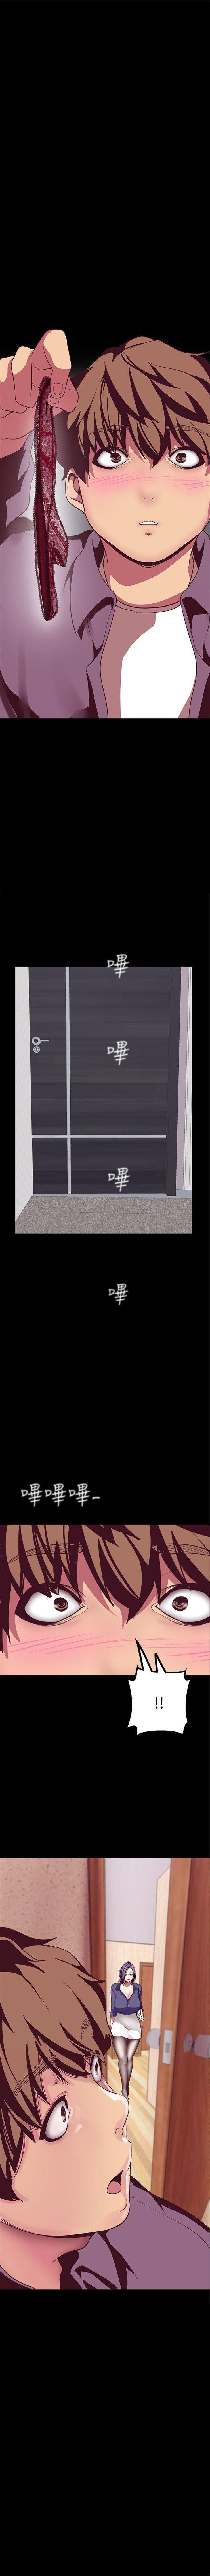 (週1)美麗新世界 1-70 中文翻譯 (更新中) 142